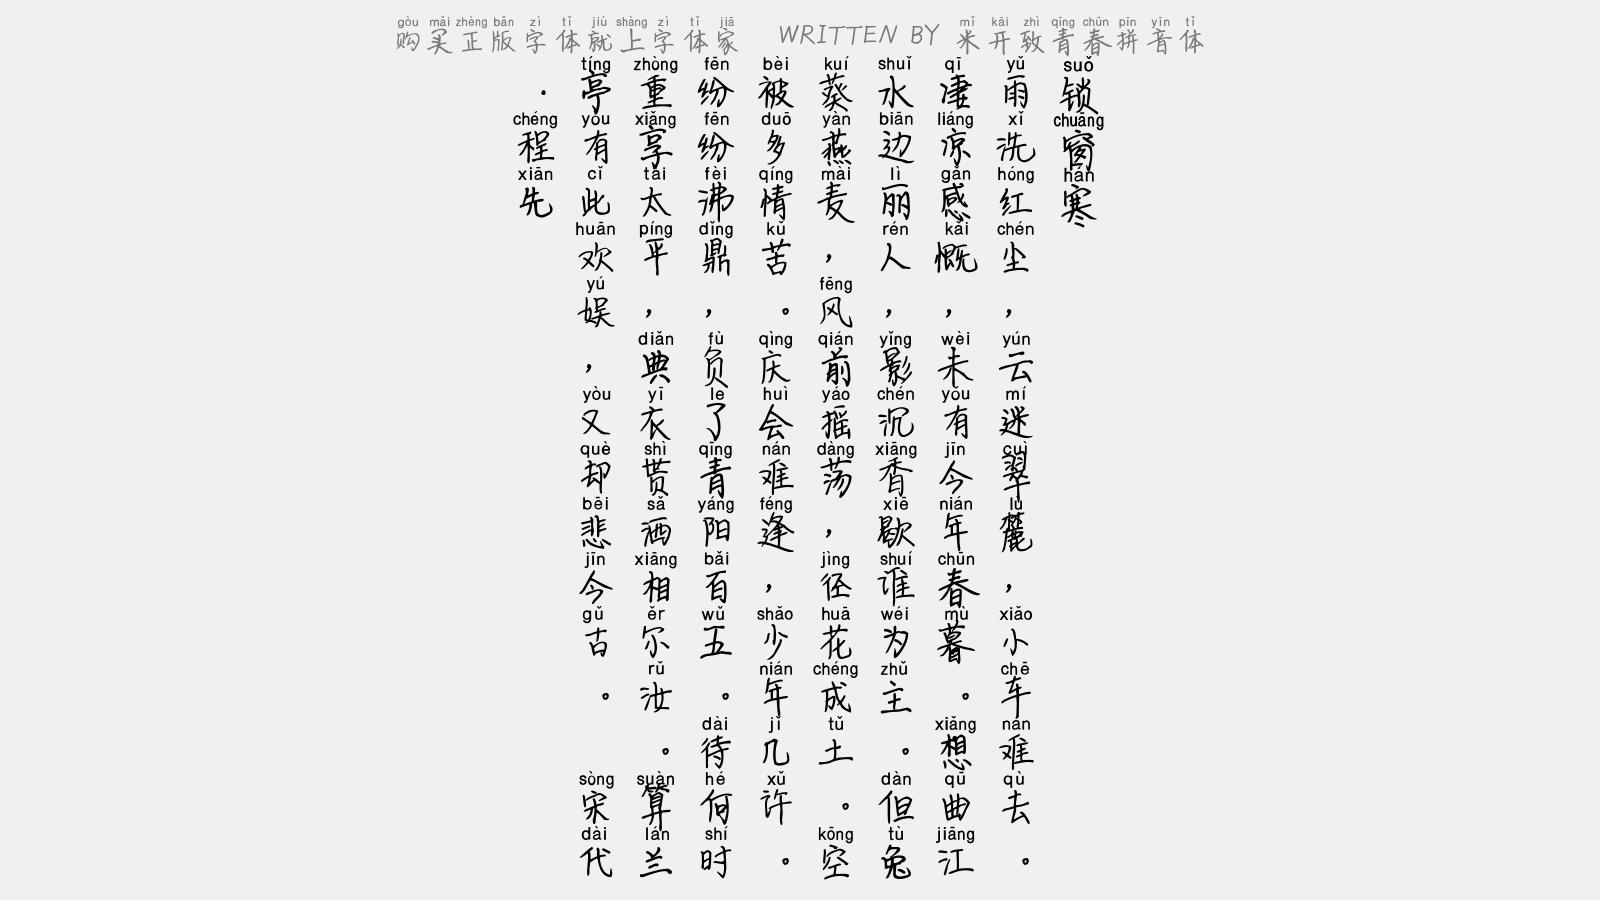 米開致青春拼音體 - 鎖窗寒